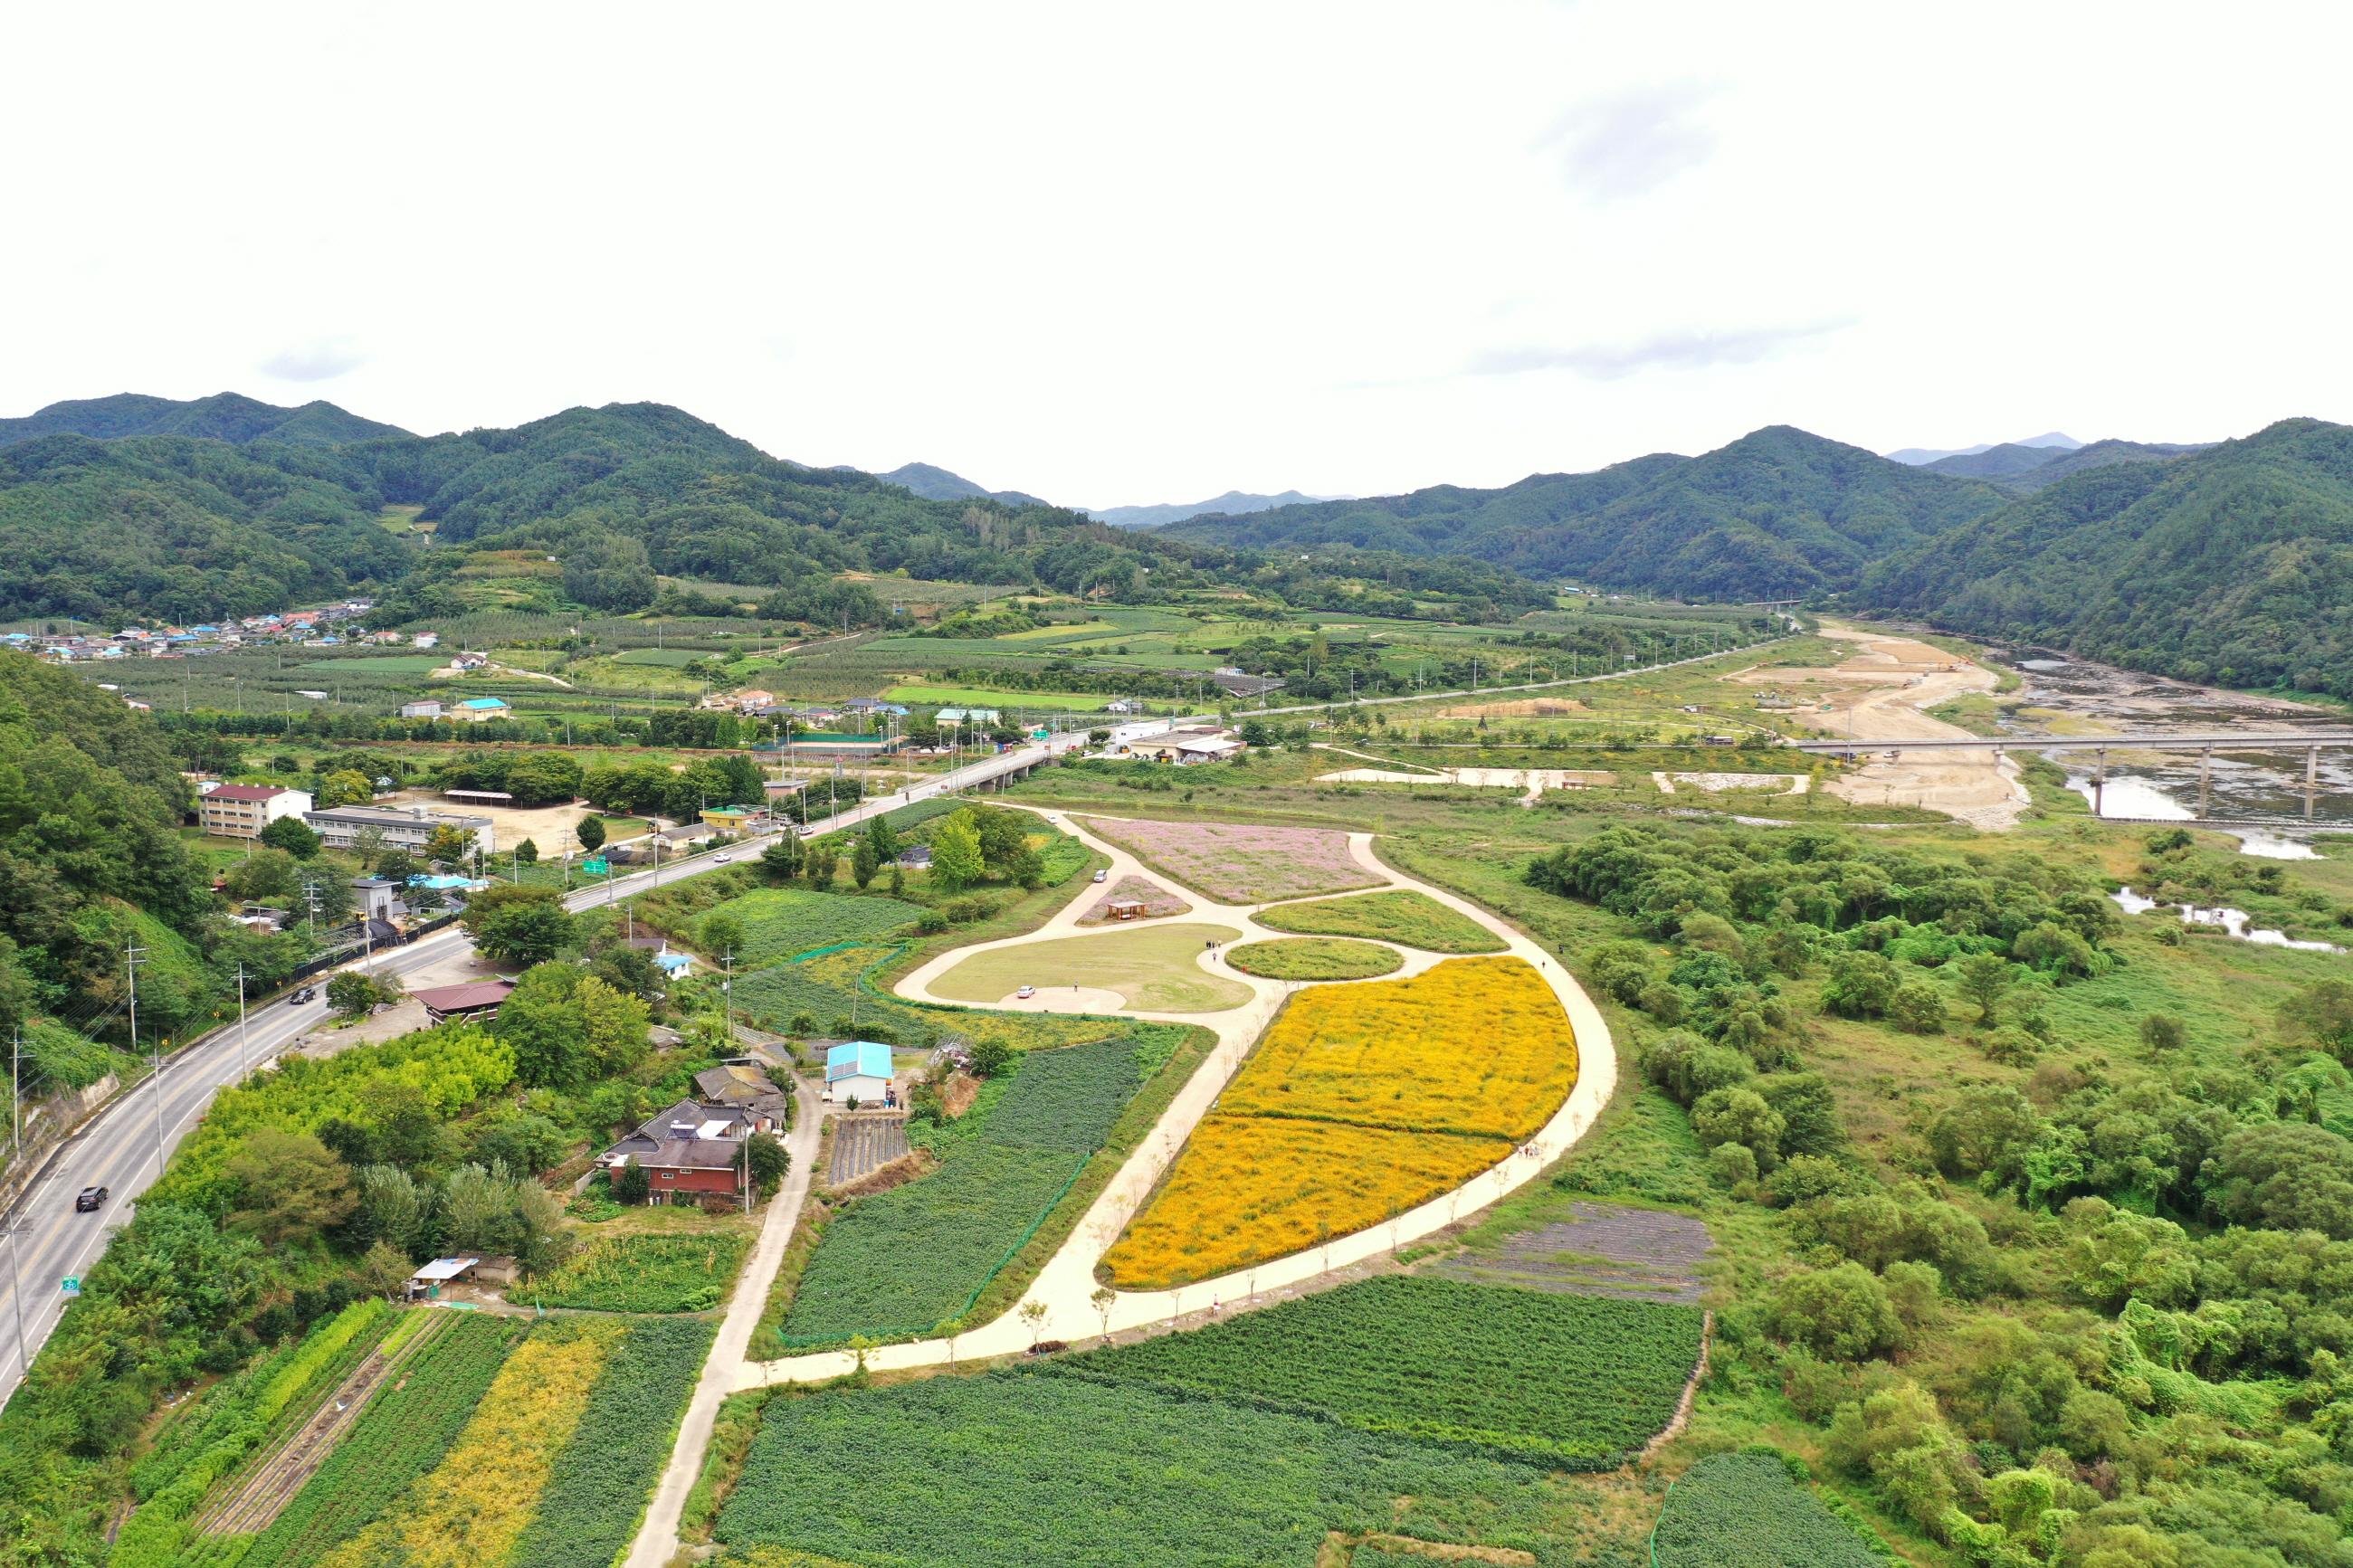 산소카페 청송군, 풍요롭고 다채로운 명품산림으로 관광사업 활성화